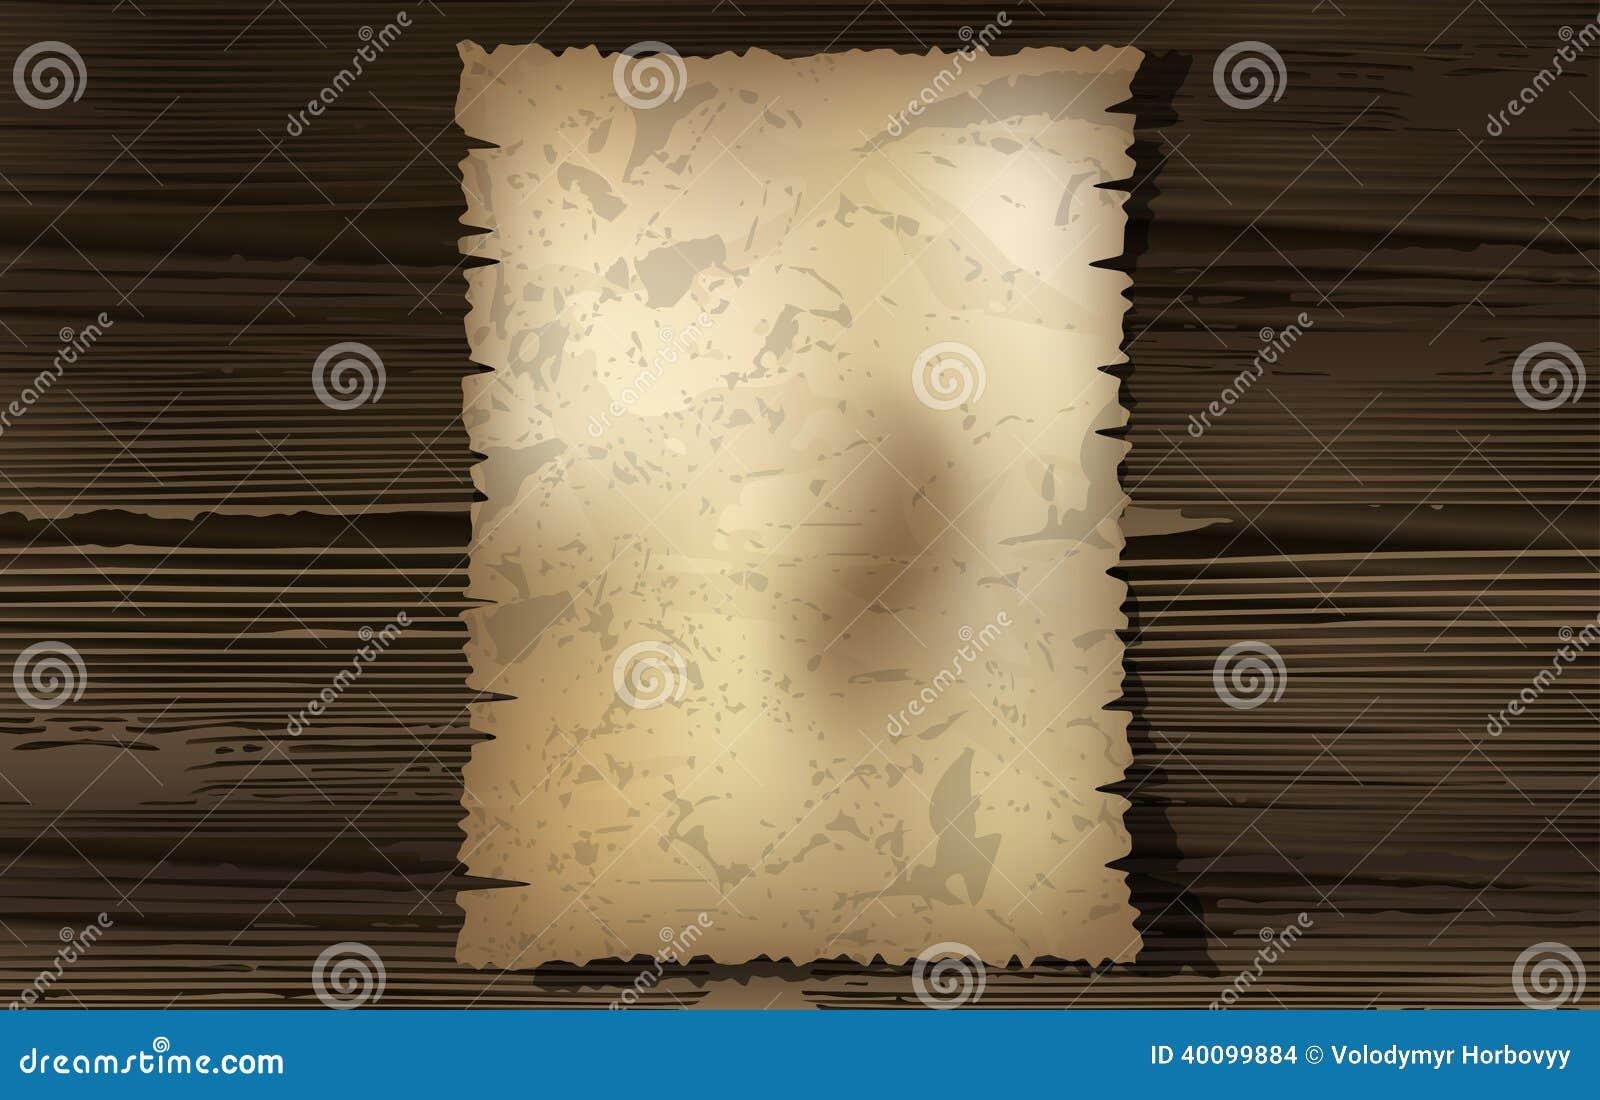 Oud document